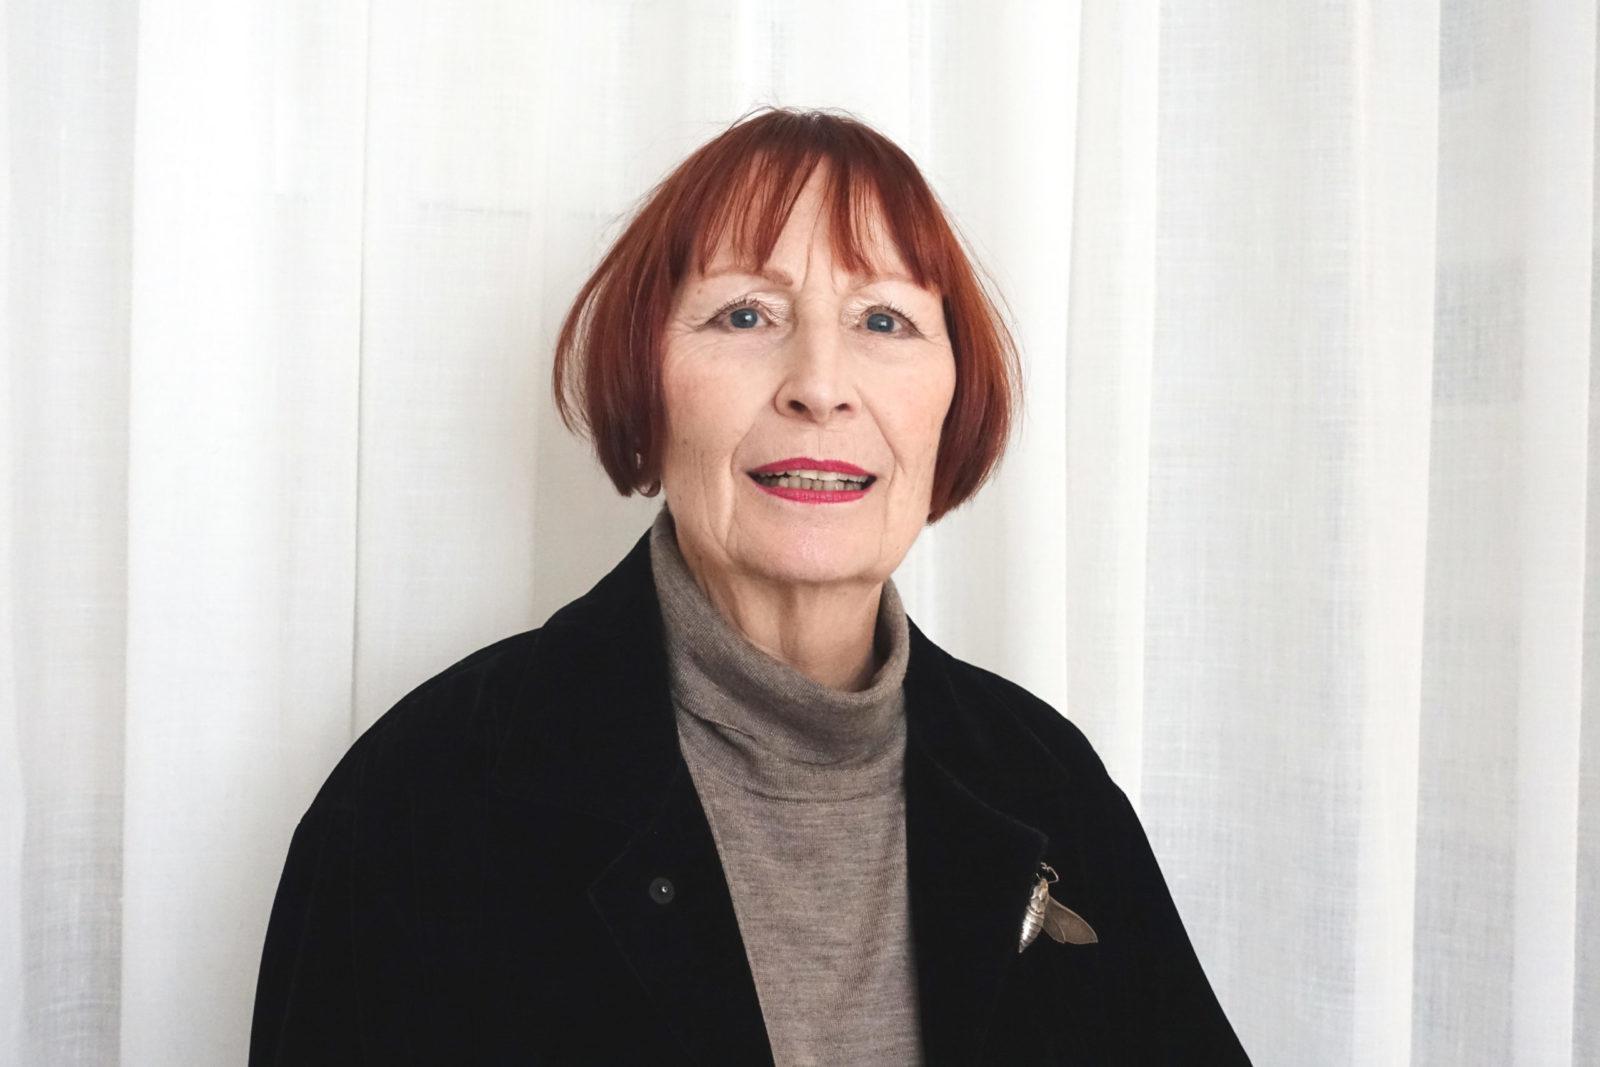 Béatrice-Aubert Lecoultre